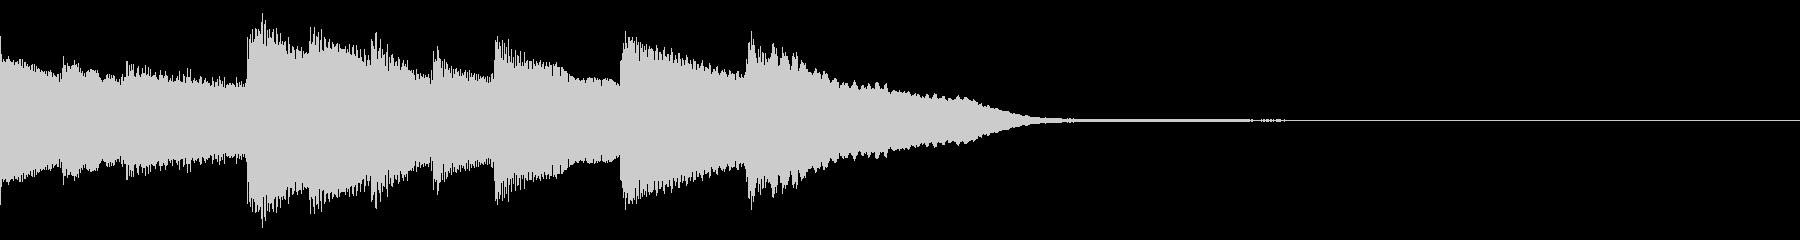 明るくて可愛いチェレスタのジングルの未再生の波形